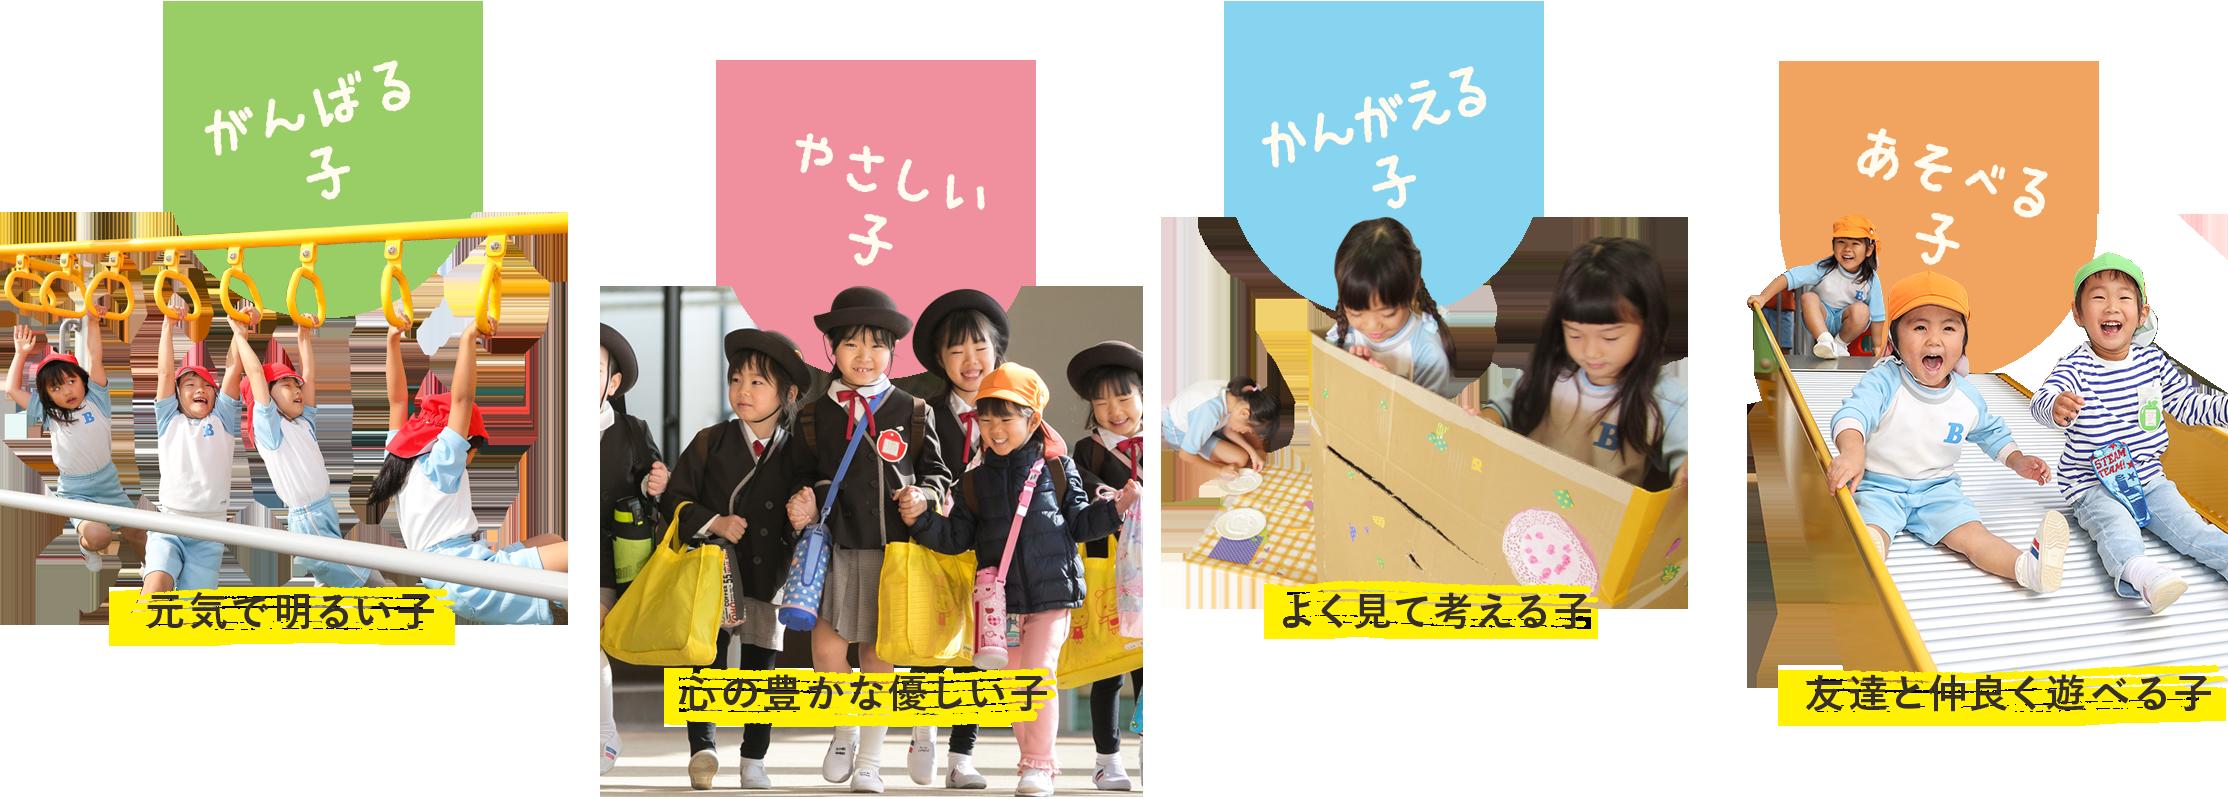 元気で明るい子 心の豊かな優しい子 よく見て考える子 友達と仲良く遊べる子